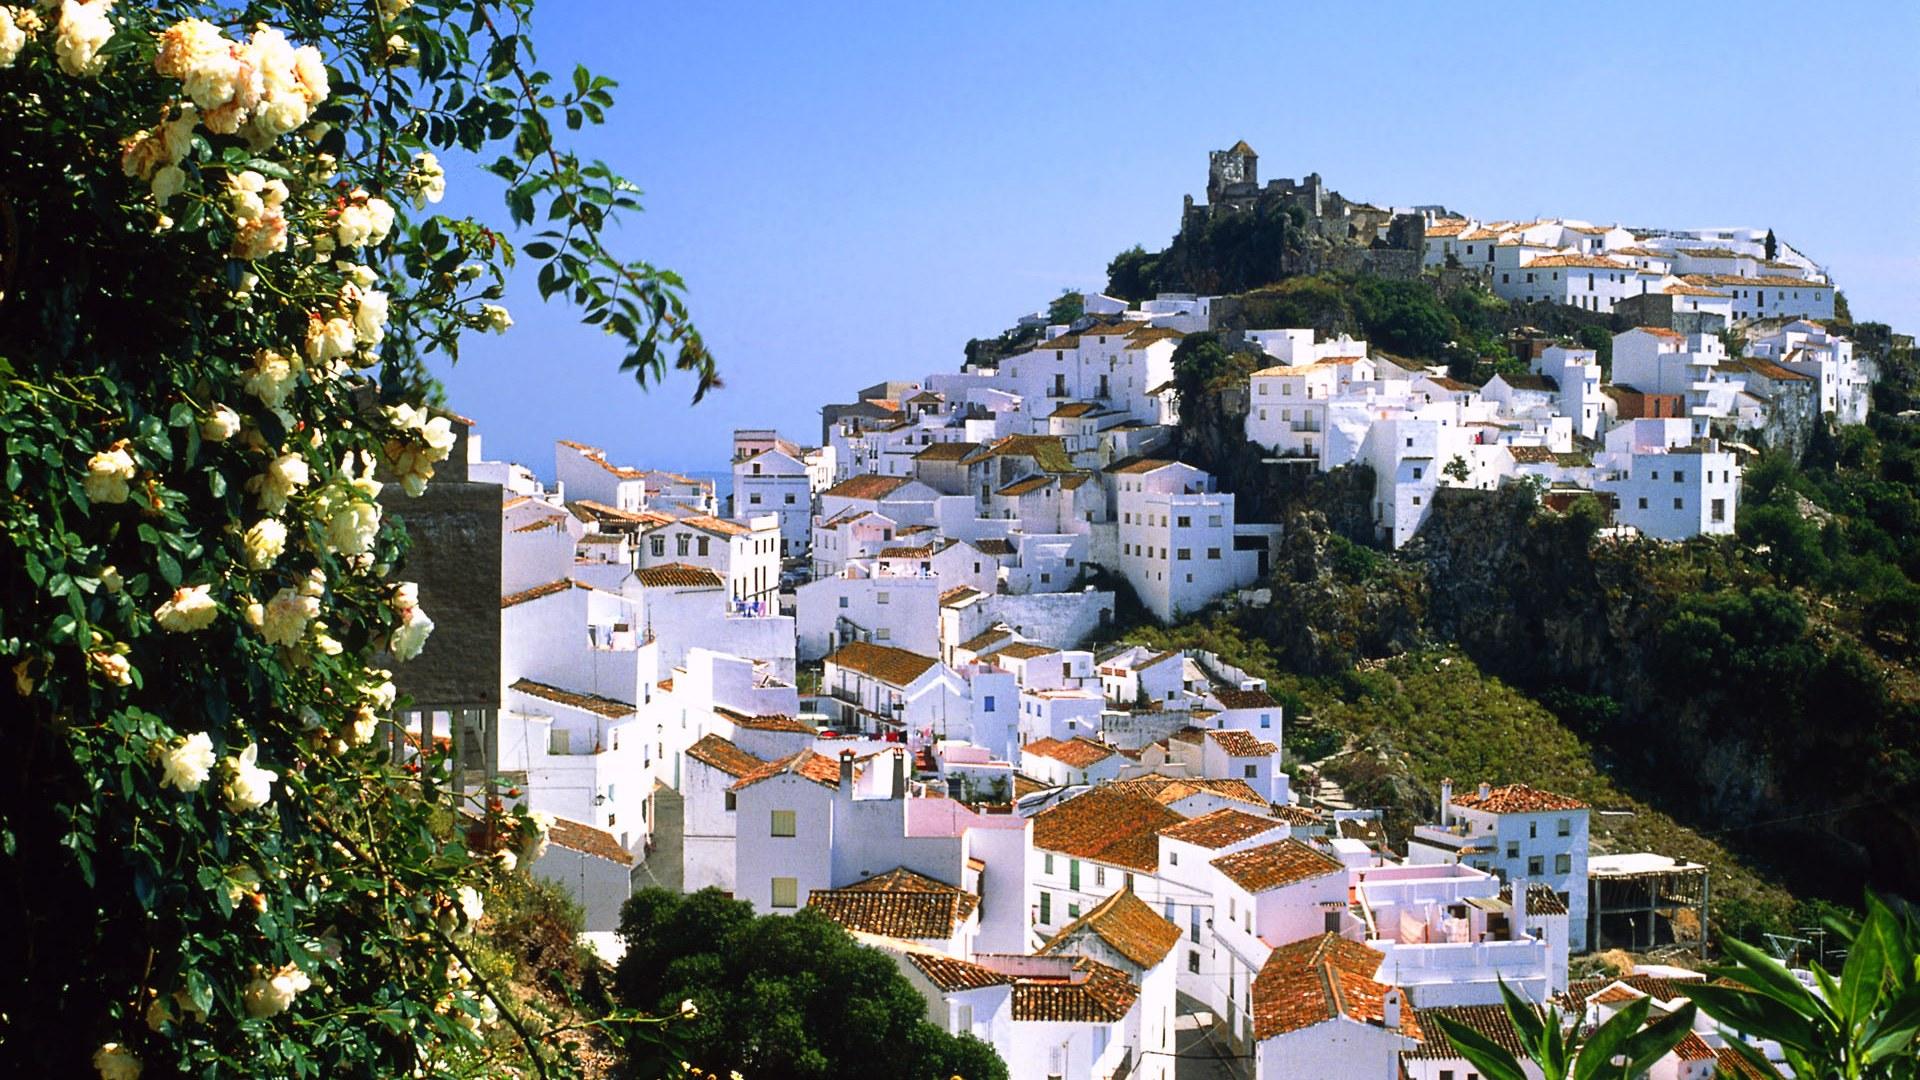 西班牙风景照壁纸